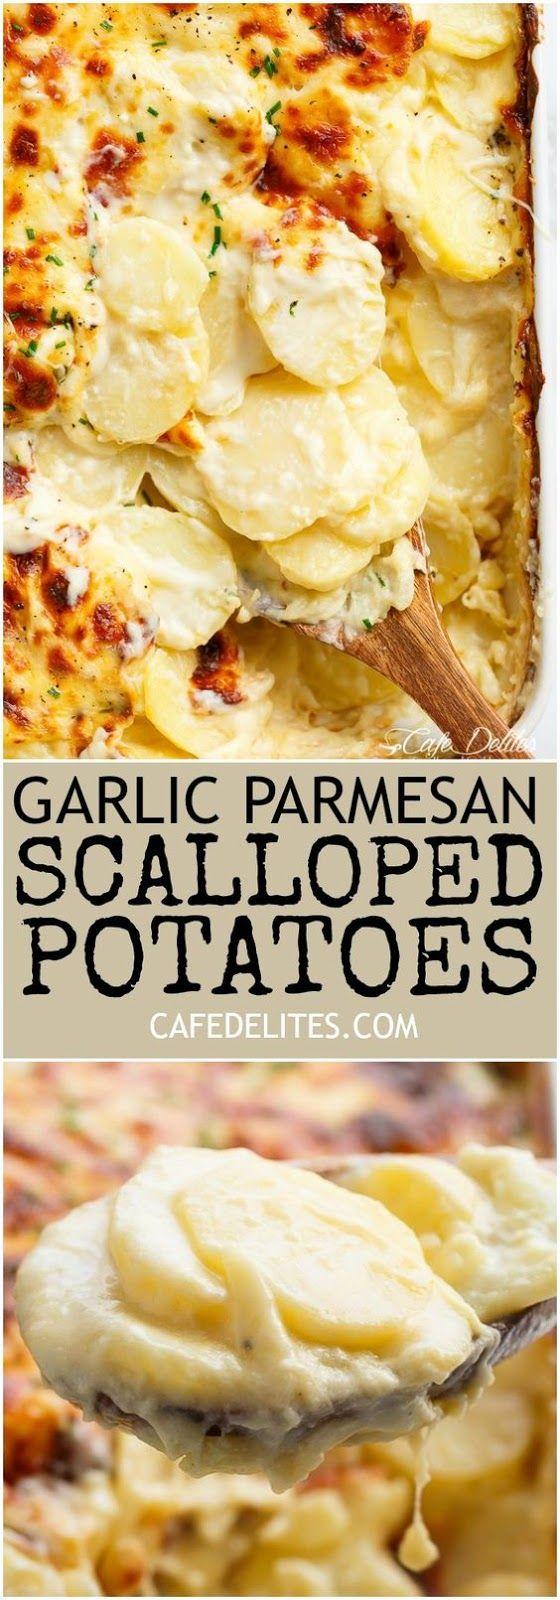 GARLIC PARMESAN SCALLOPED POTATOES   Food And Cake Recipes